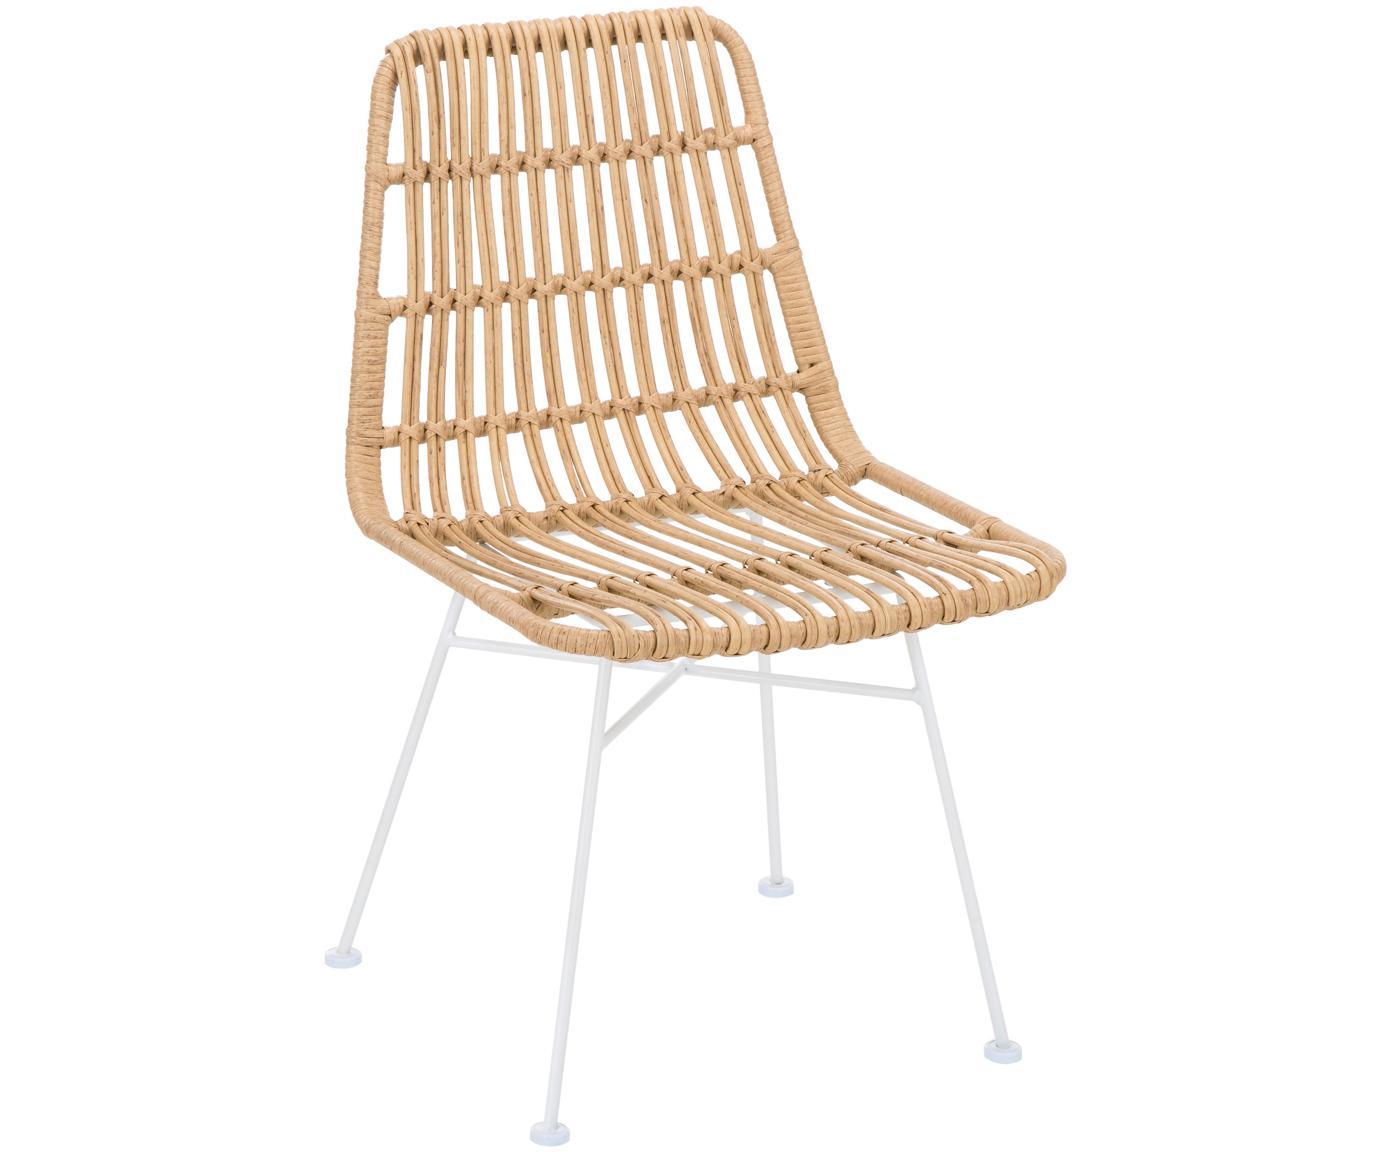 Polyrattan-Stühle Costa, 2 Stück, Sitzfläche: Polyethylen-Geflecht, Gestell: Metall, pulverbeschichtet, Hellbraun, Beine Weiß, B 47 x T 62 cm